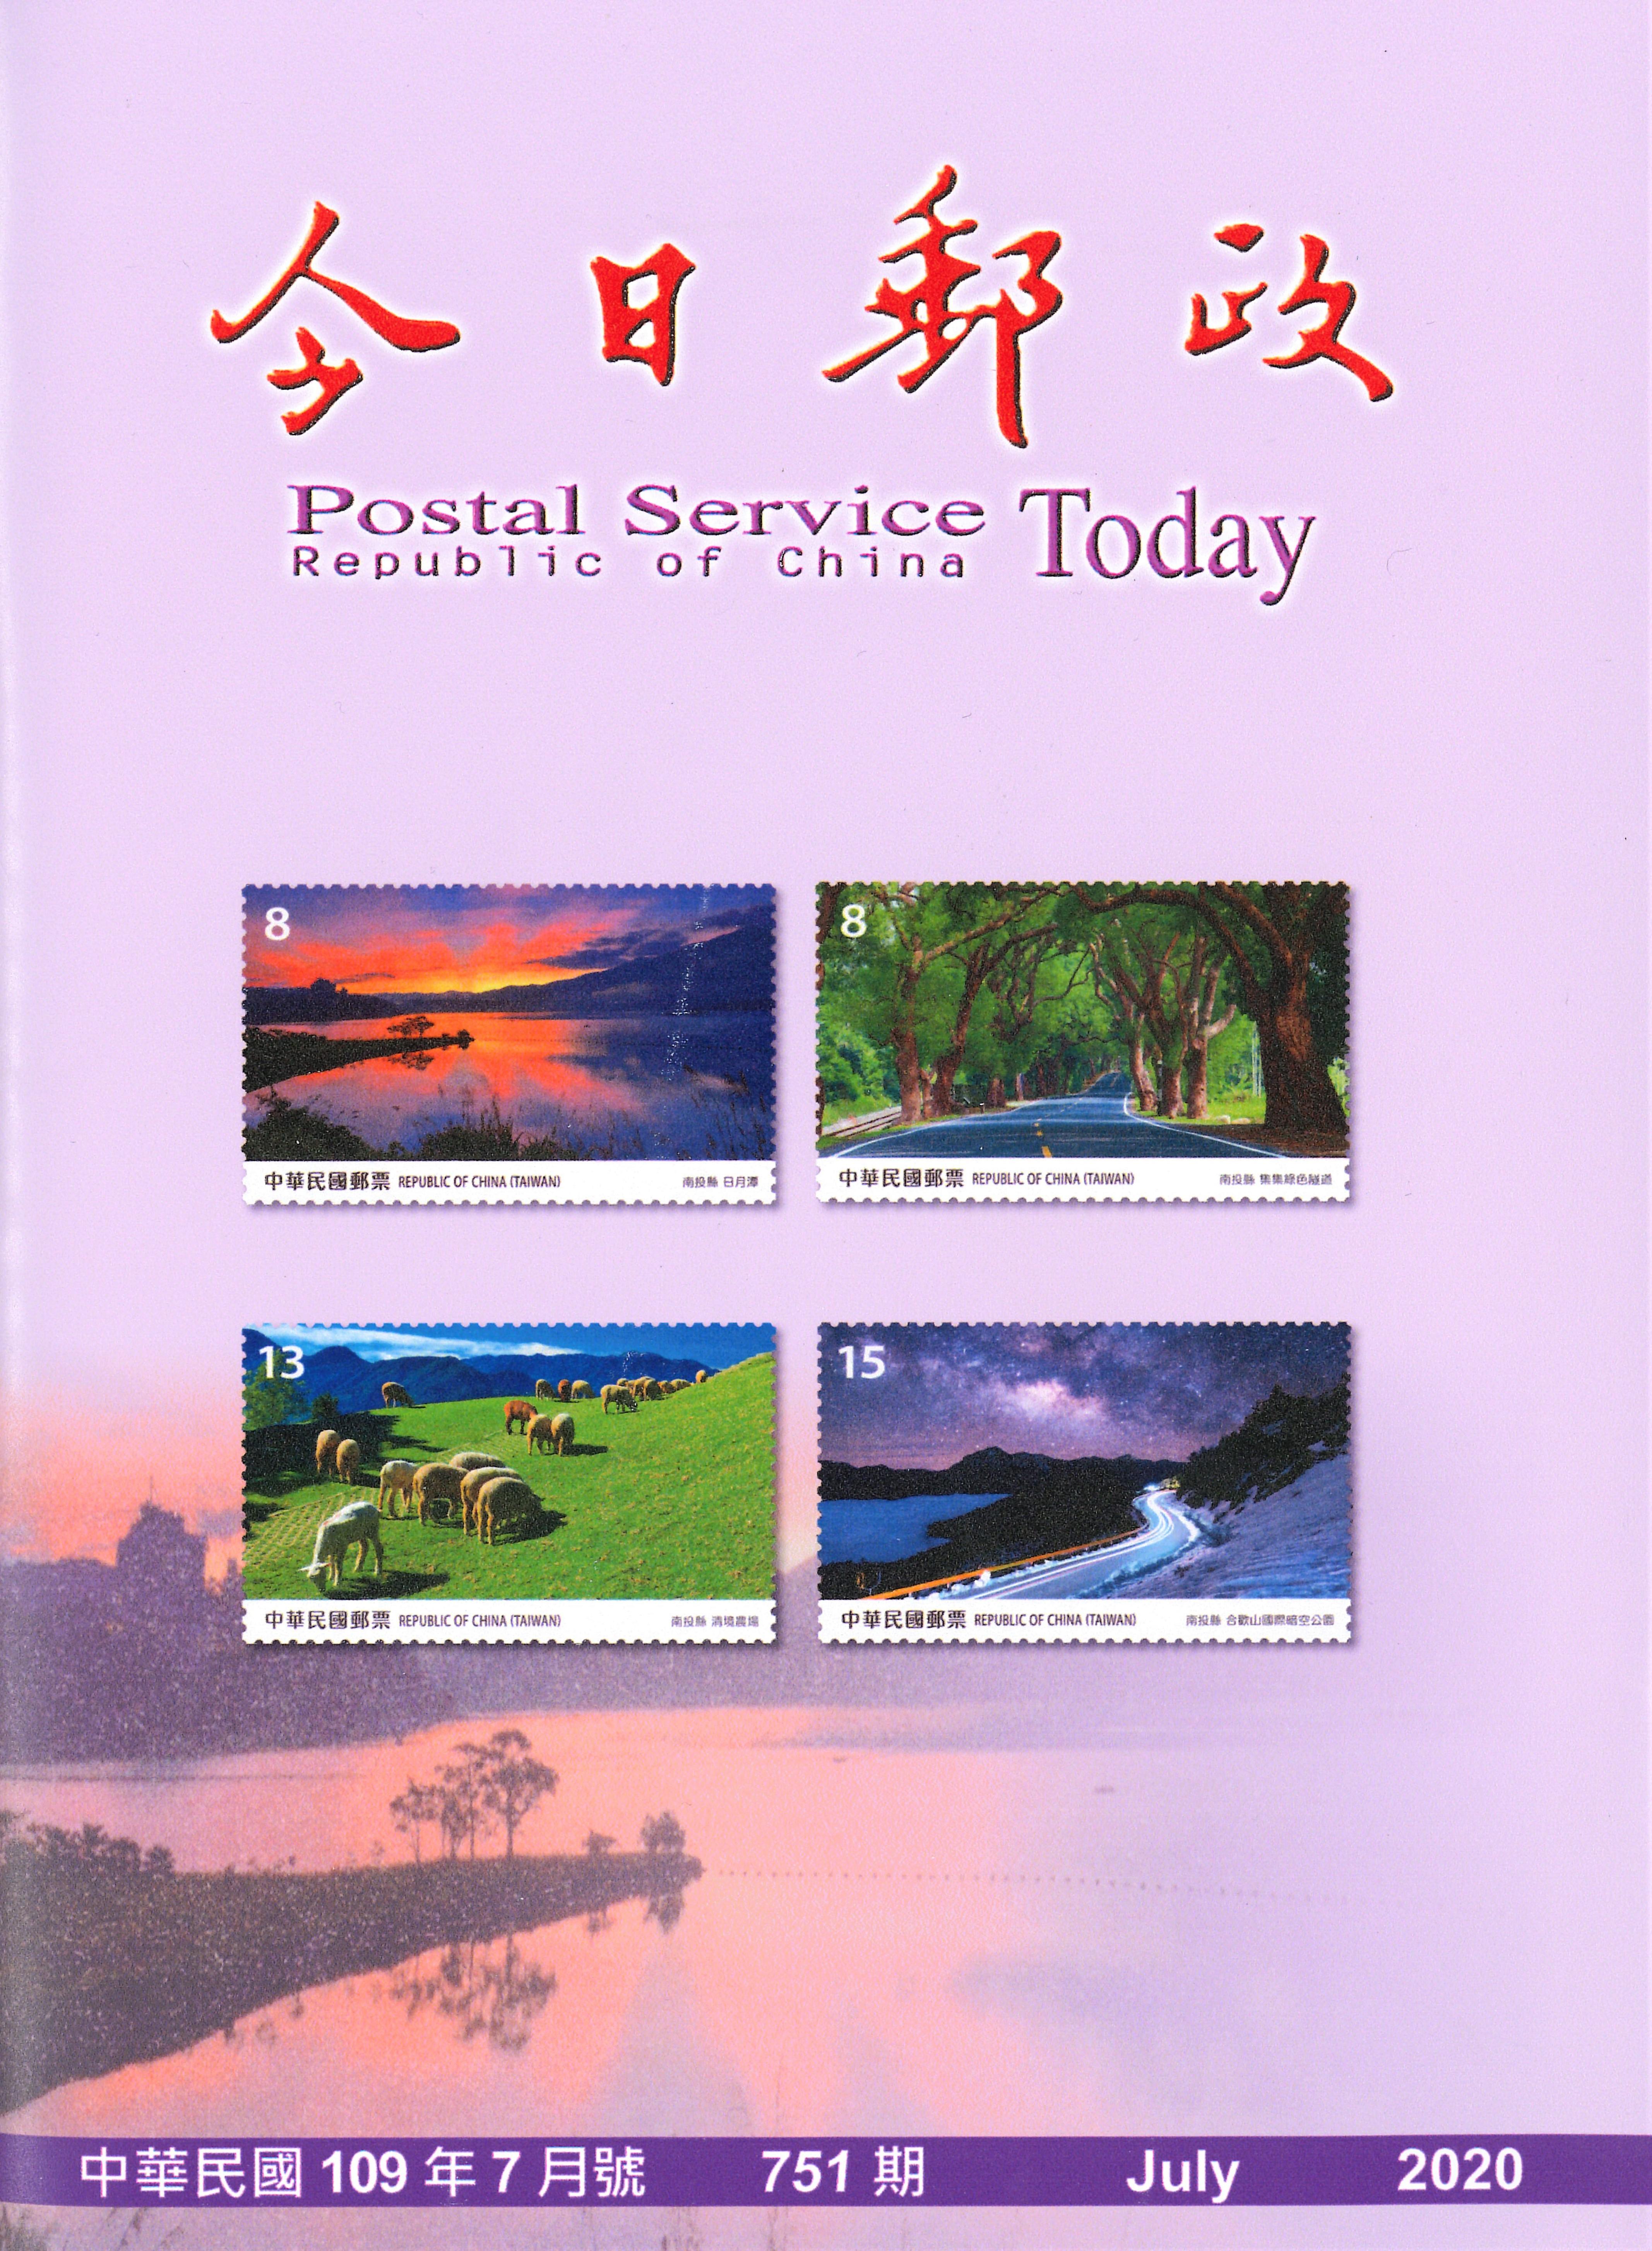 今日郵政第751期(109年7月)